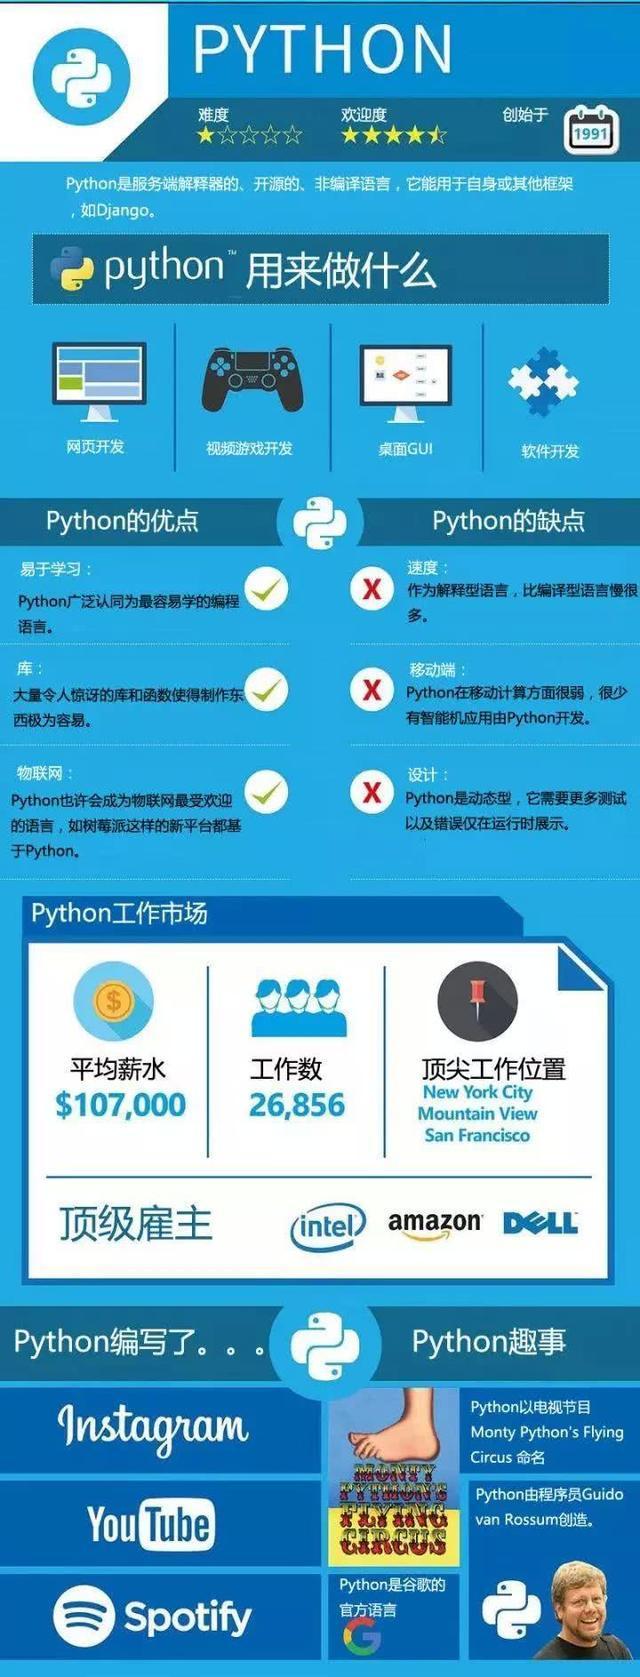 集思广议!Python、Java、C语言到底选择谁更适合编程语言的学习